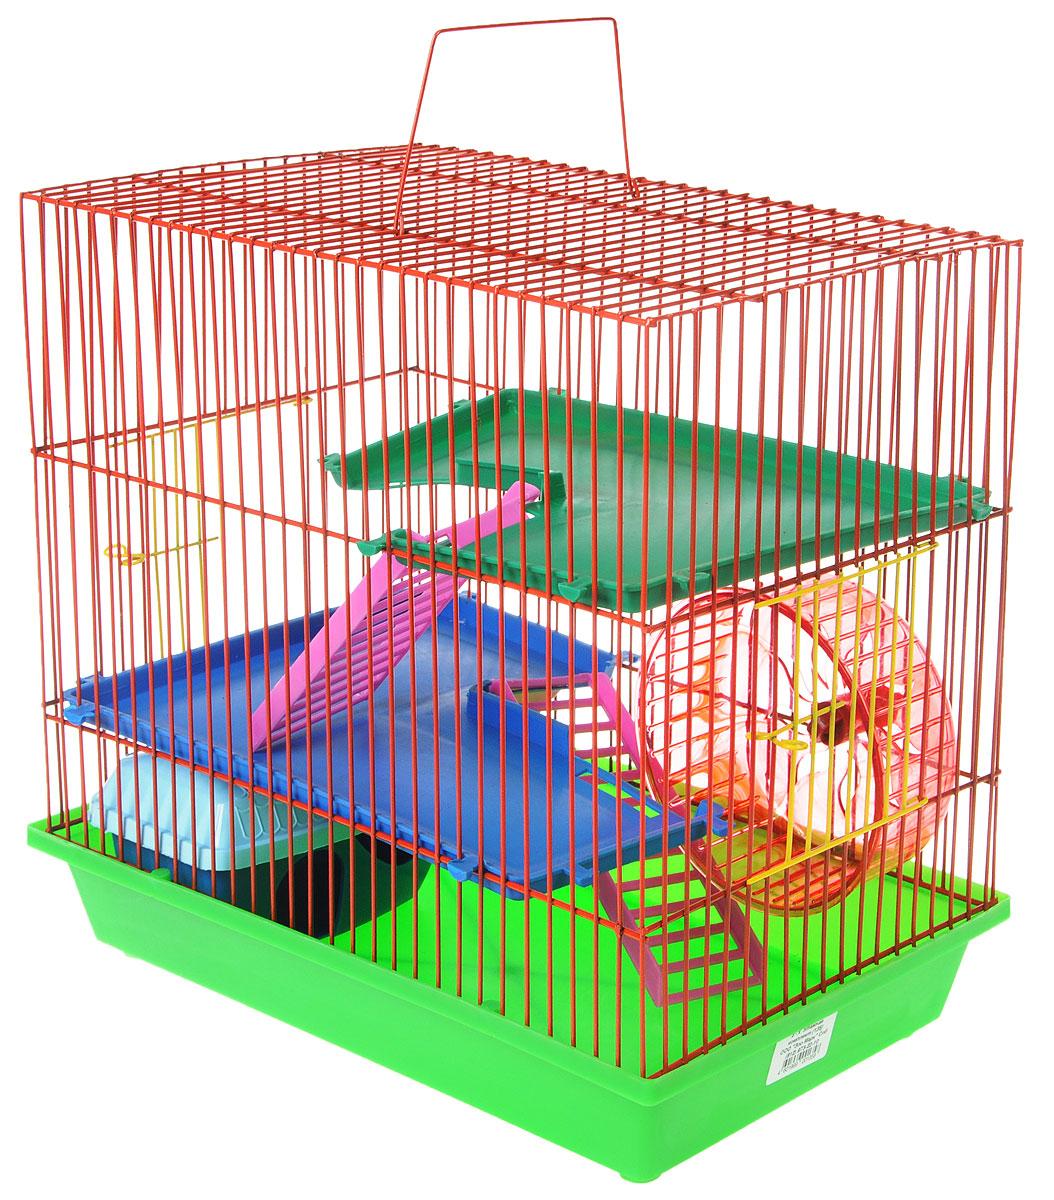 Клетка для грызунов ЗооМарк, 3-этажная, цвет: салатовый поддон, красная решетка, синие, зеленые этажи, 36 х 22,5 х 34 см. 135135_салатовый, красный, синий, зеленыйКлетка ЗооМарк, выполненная из полипропилена и металла, подходит для мелких грызунов. Изделие трехэтажное, оборудовано колесом для подвижных игр и пластиковым домиком. Клетка имеет яркий поддон, удобна в использовании и легко чистится. Сверху имеется ручка для переноски, а сбоку удобная дверца. Такая клетка станет уединенным личным пространством и уютным домиком для маленького грызуна.